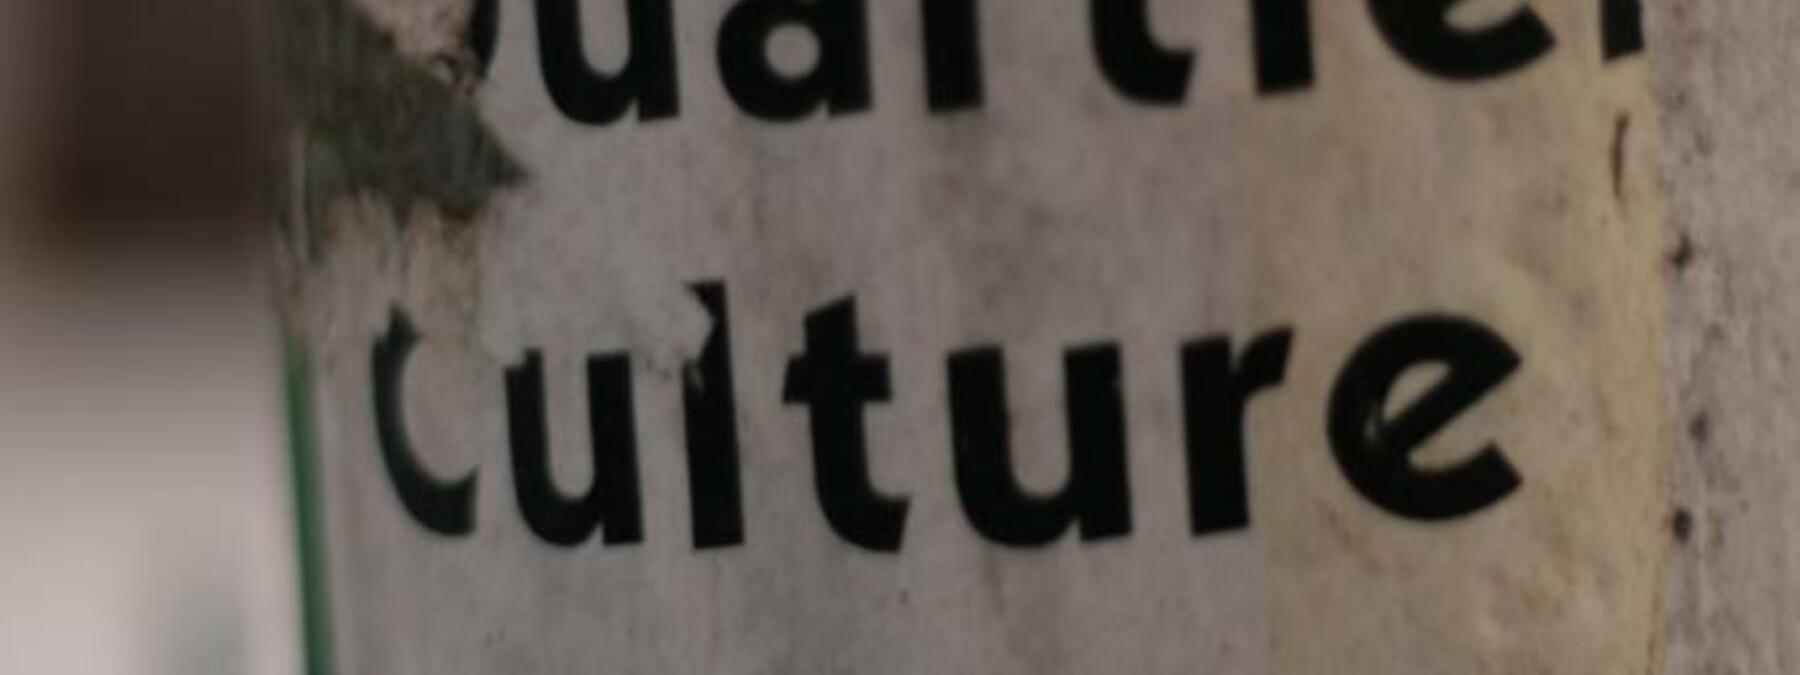 matthias soudier